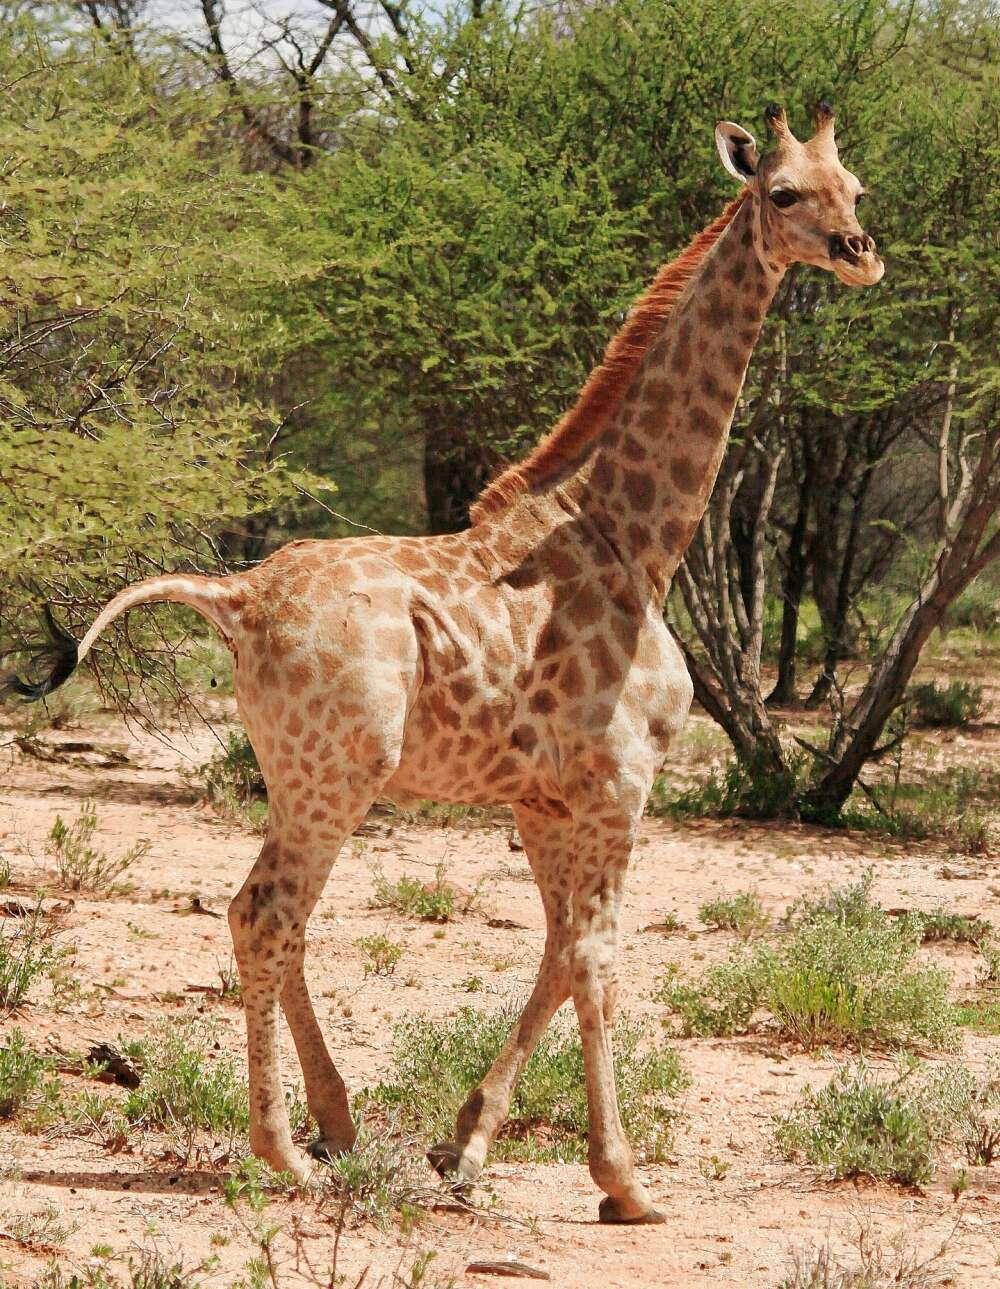 Girafa anã vista na naníbia (Foto: reprodução)